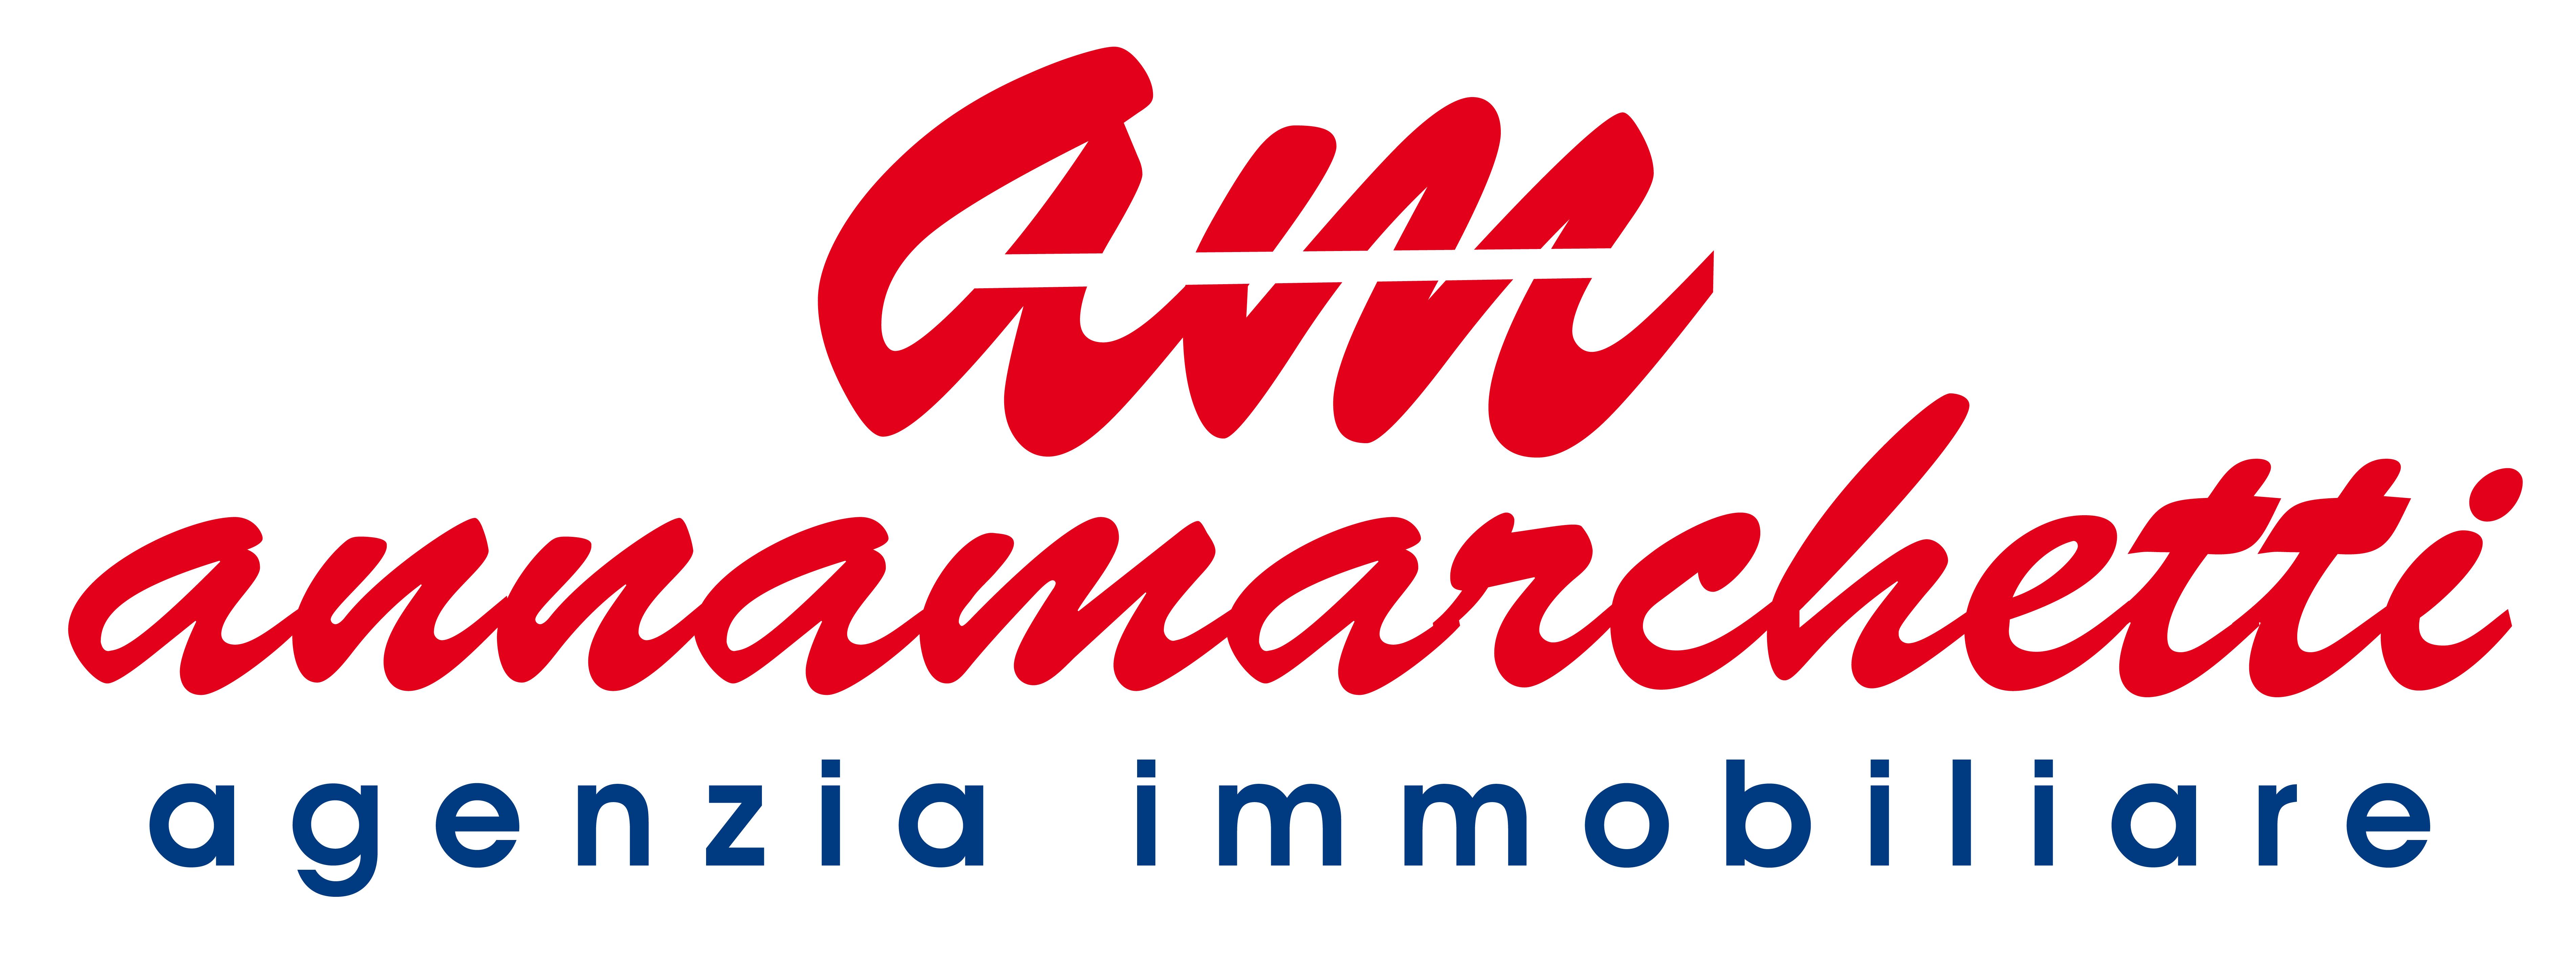 logo annamarchetti Agenzia Immobiliare